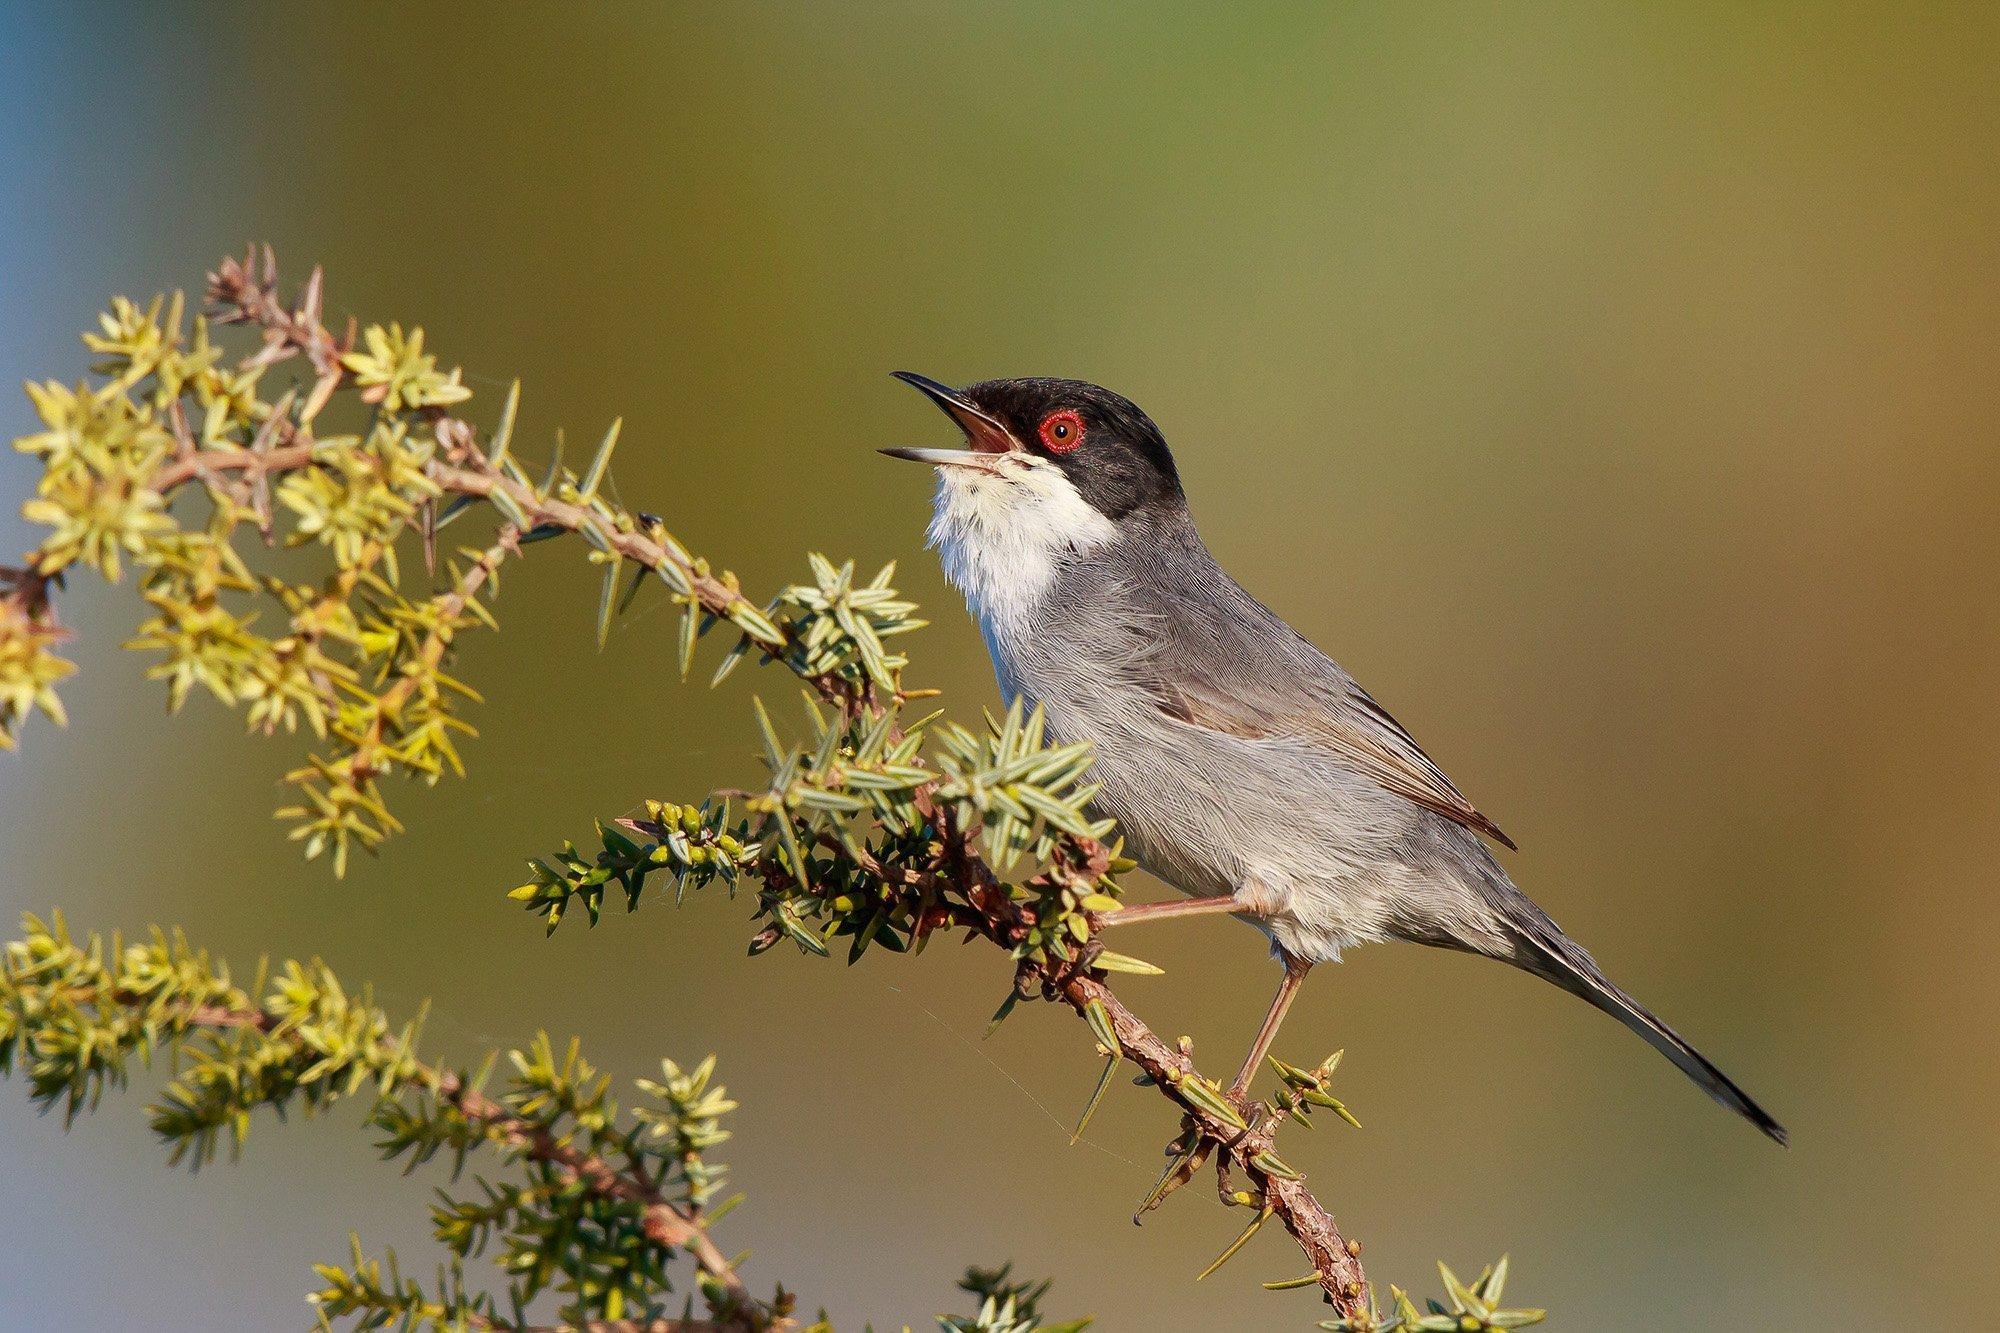 Eine Samtkopfgrasmücke, ein hellgrauer Vogel mit schwarzem Kopf, weißem Hals und leuchtend rotem Auge.